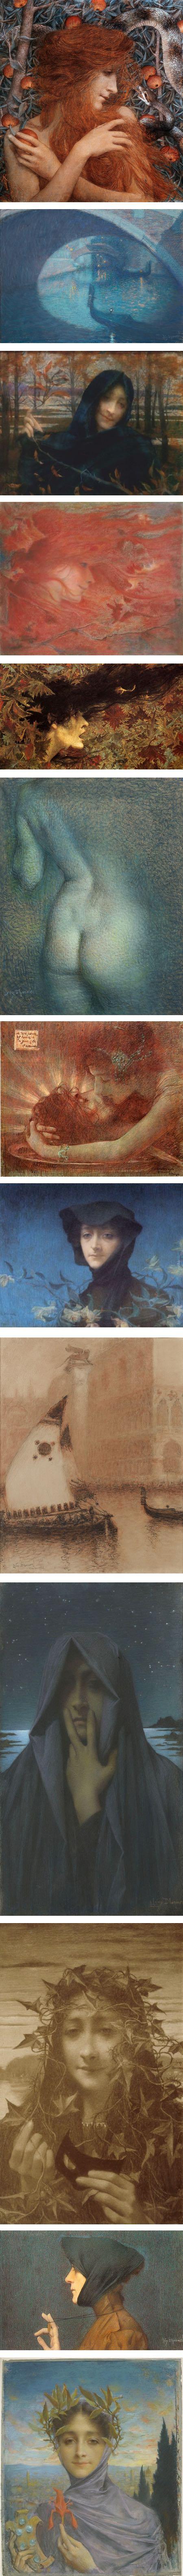 Lucien Levy-Dhurmer, symbolist Artnouveau pastelstyles